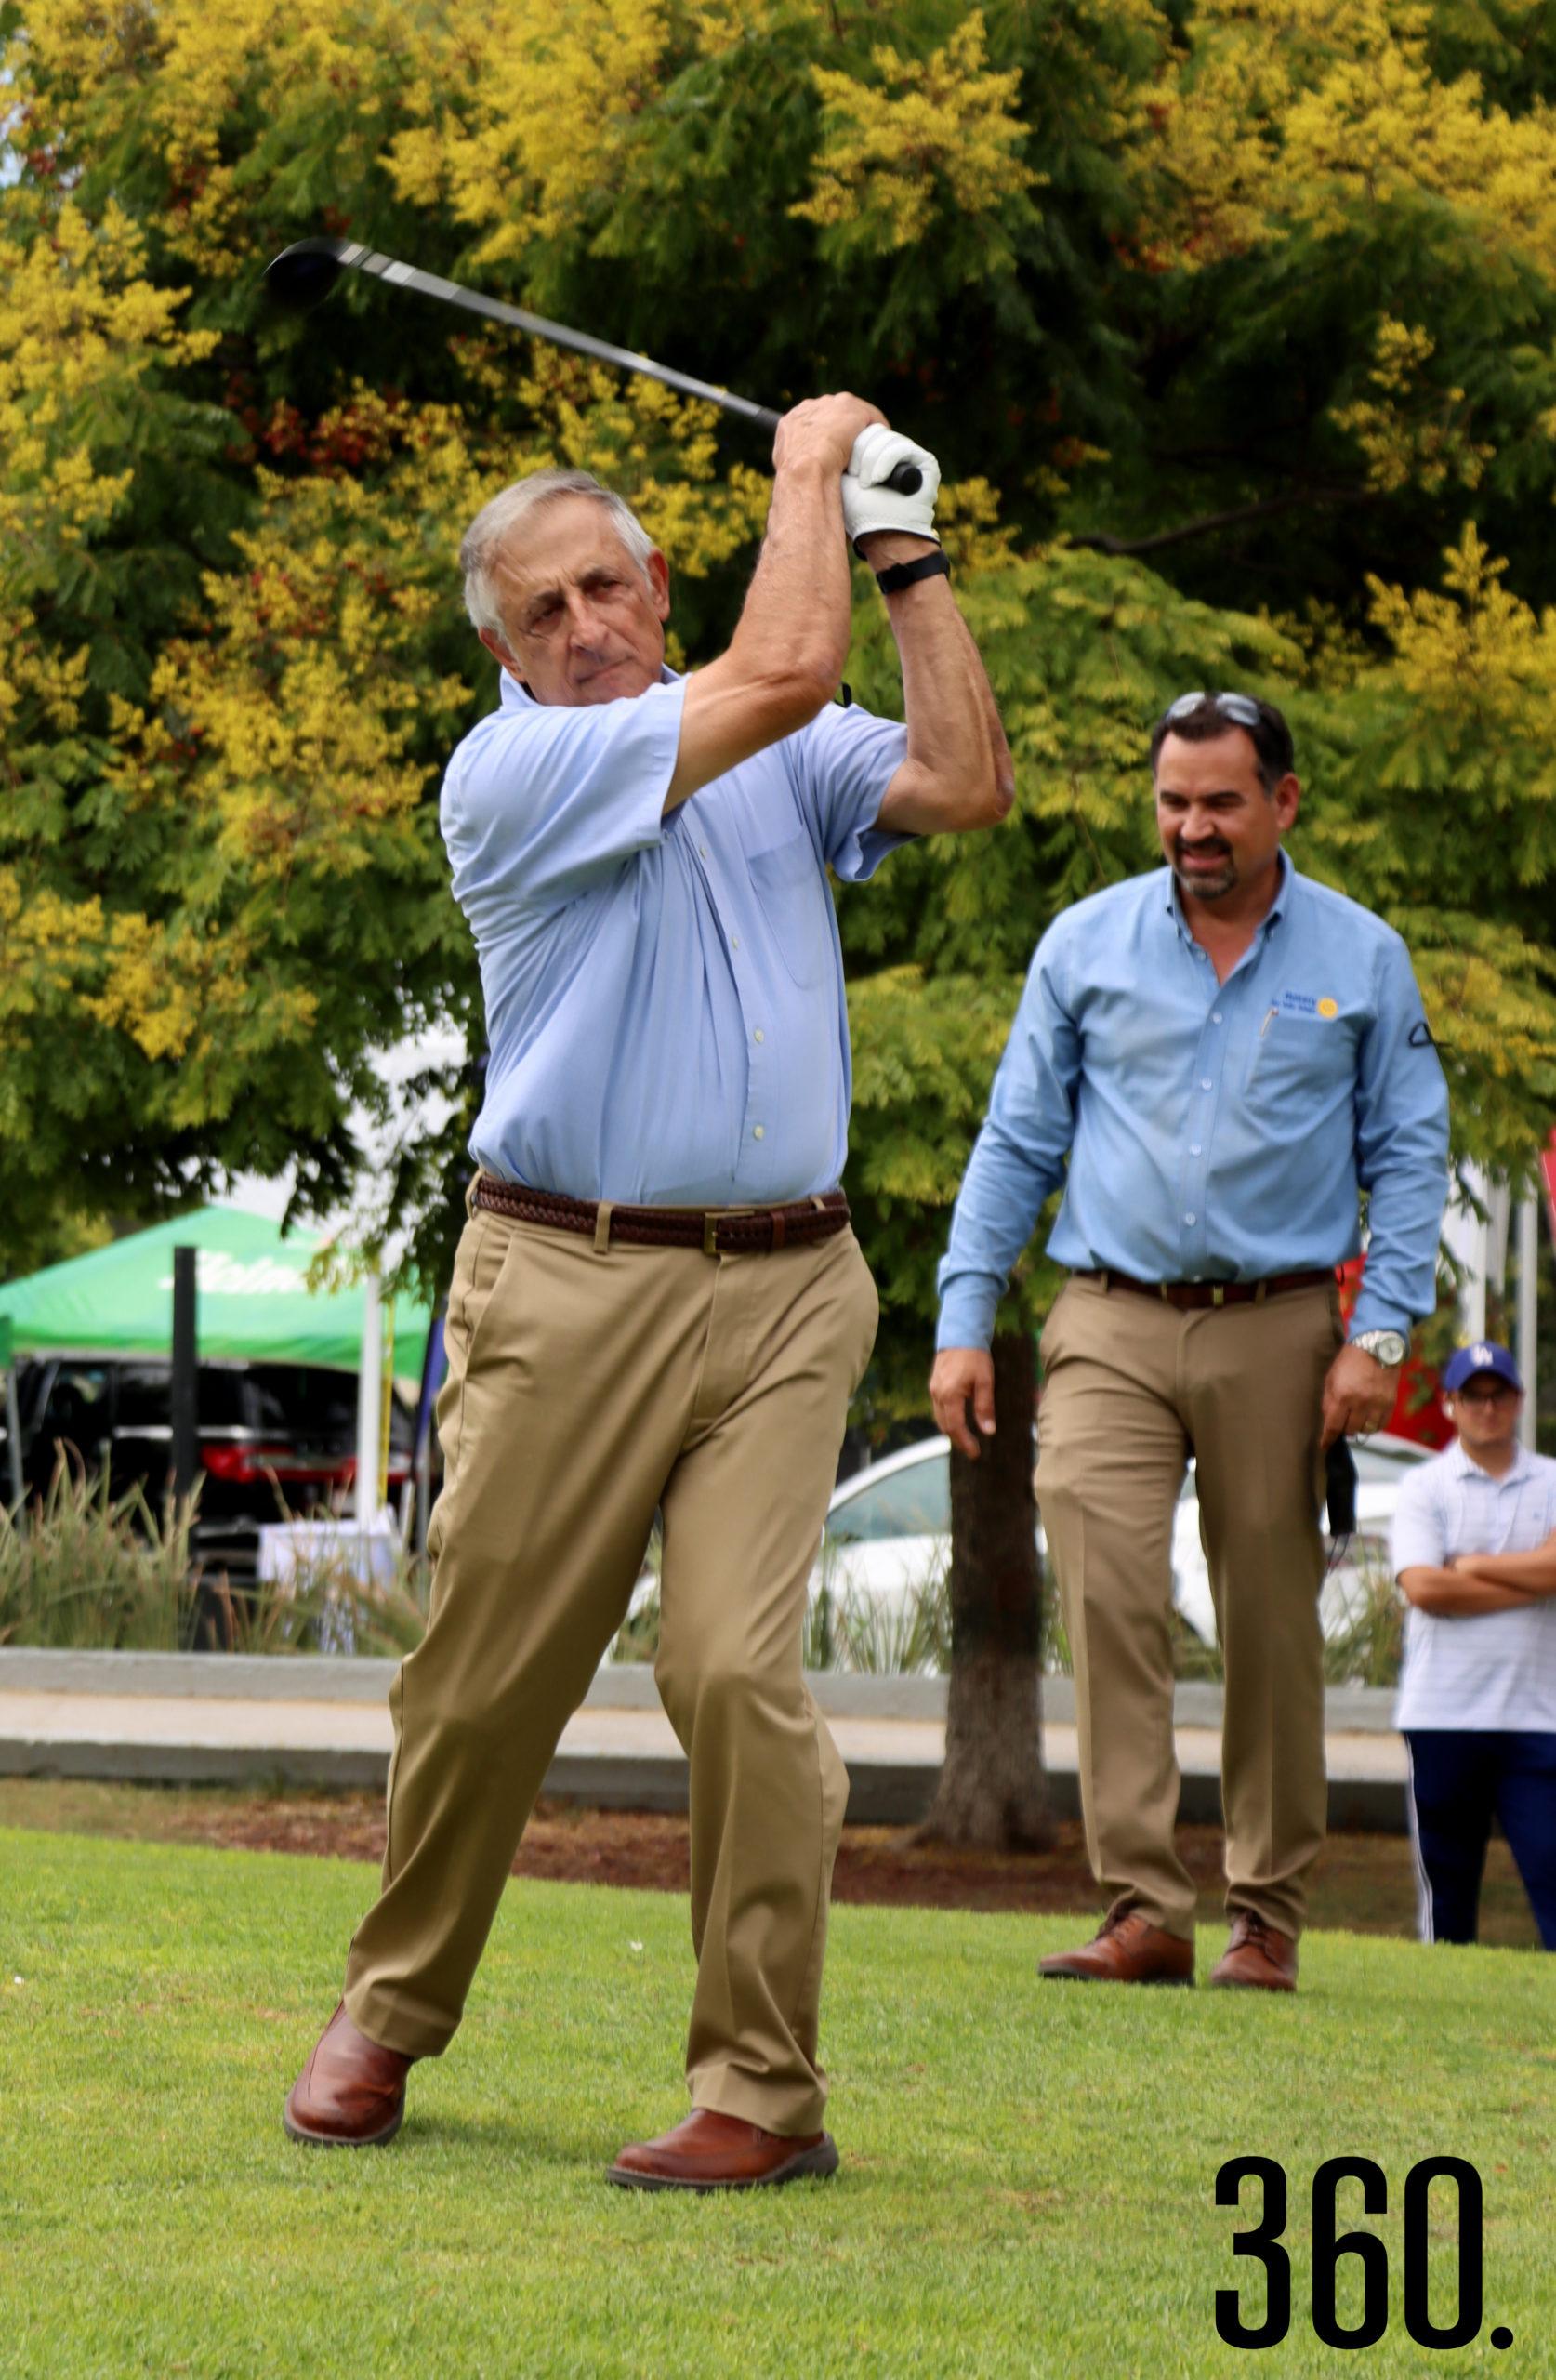 Carlos Mery Milán dio el golpe de salida inaugural del 35º. Torneo de Golf Jugando para Ayudar que llevó su nombre.